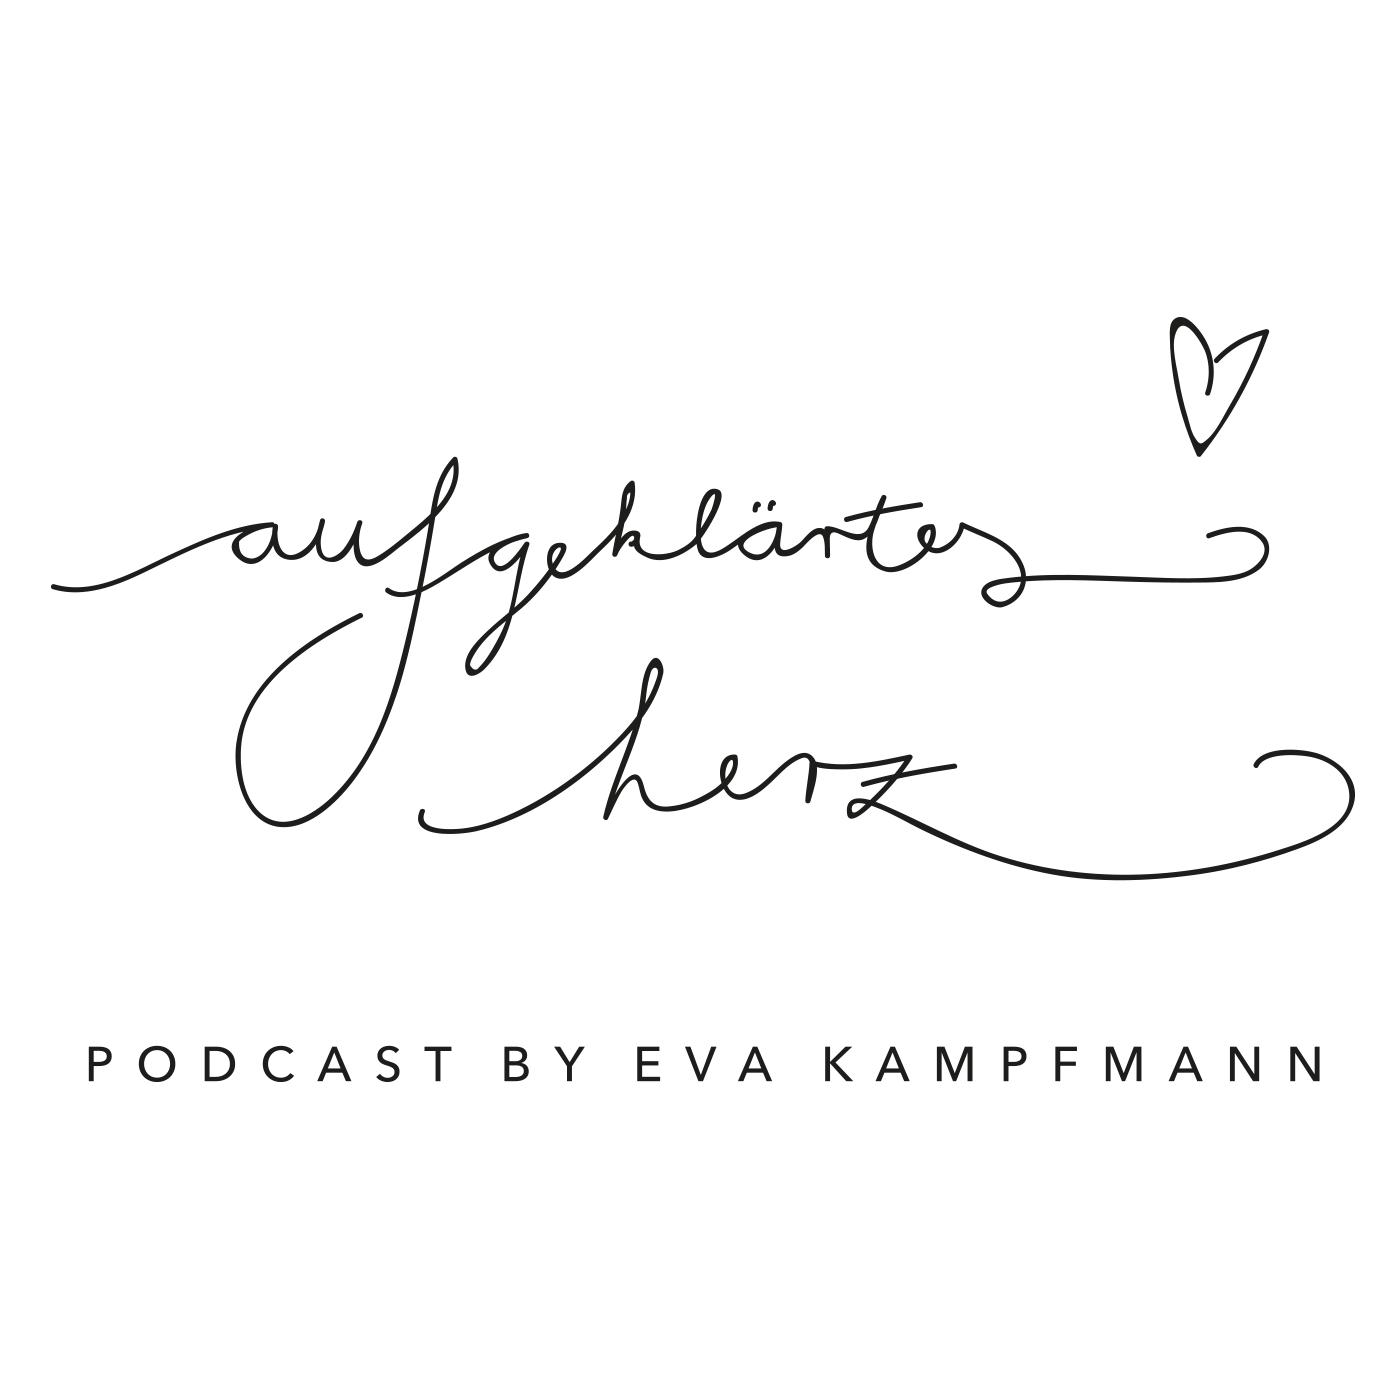 Aufgeklärtes Herz - Podcast by Eva Kampfmann show art